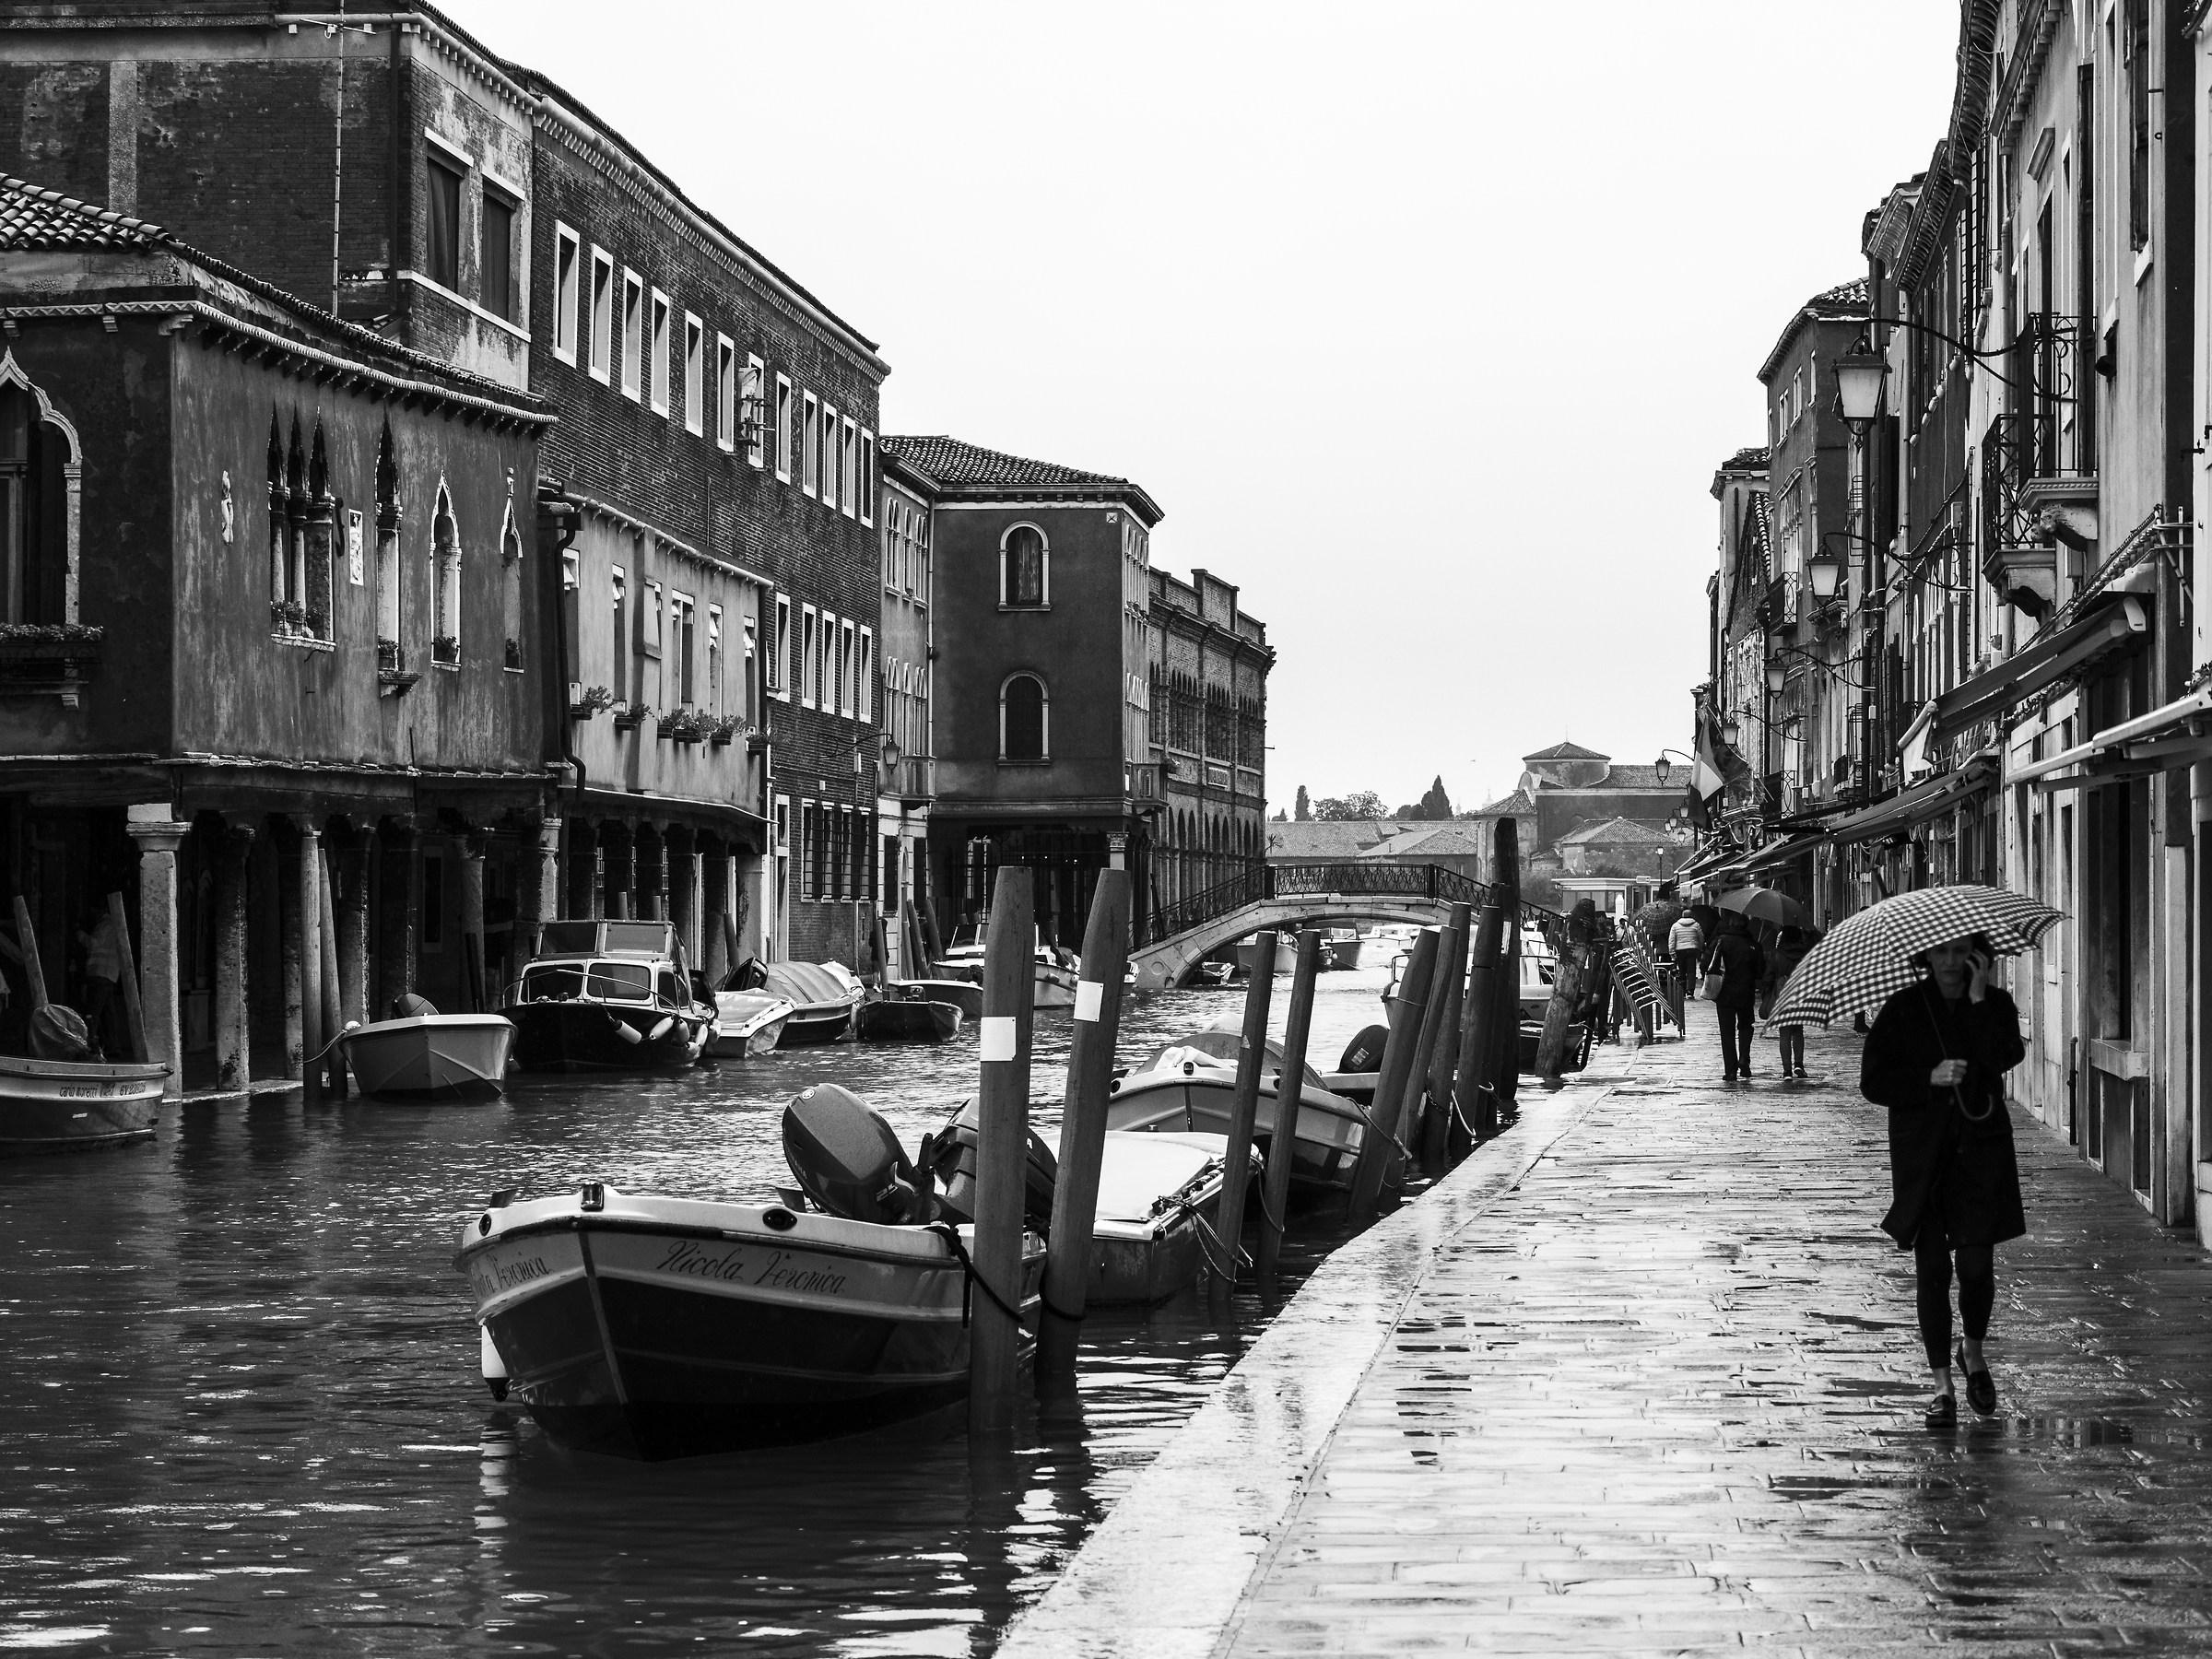 Giornata piovosa a Murano...